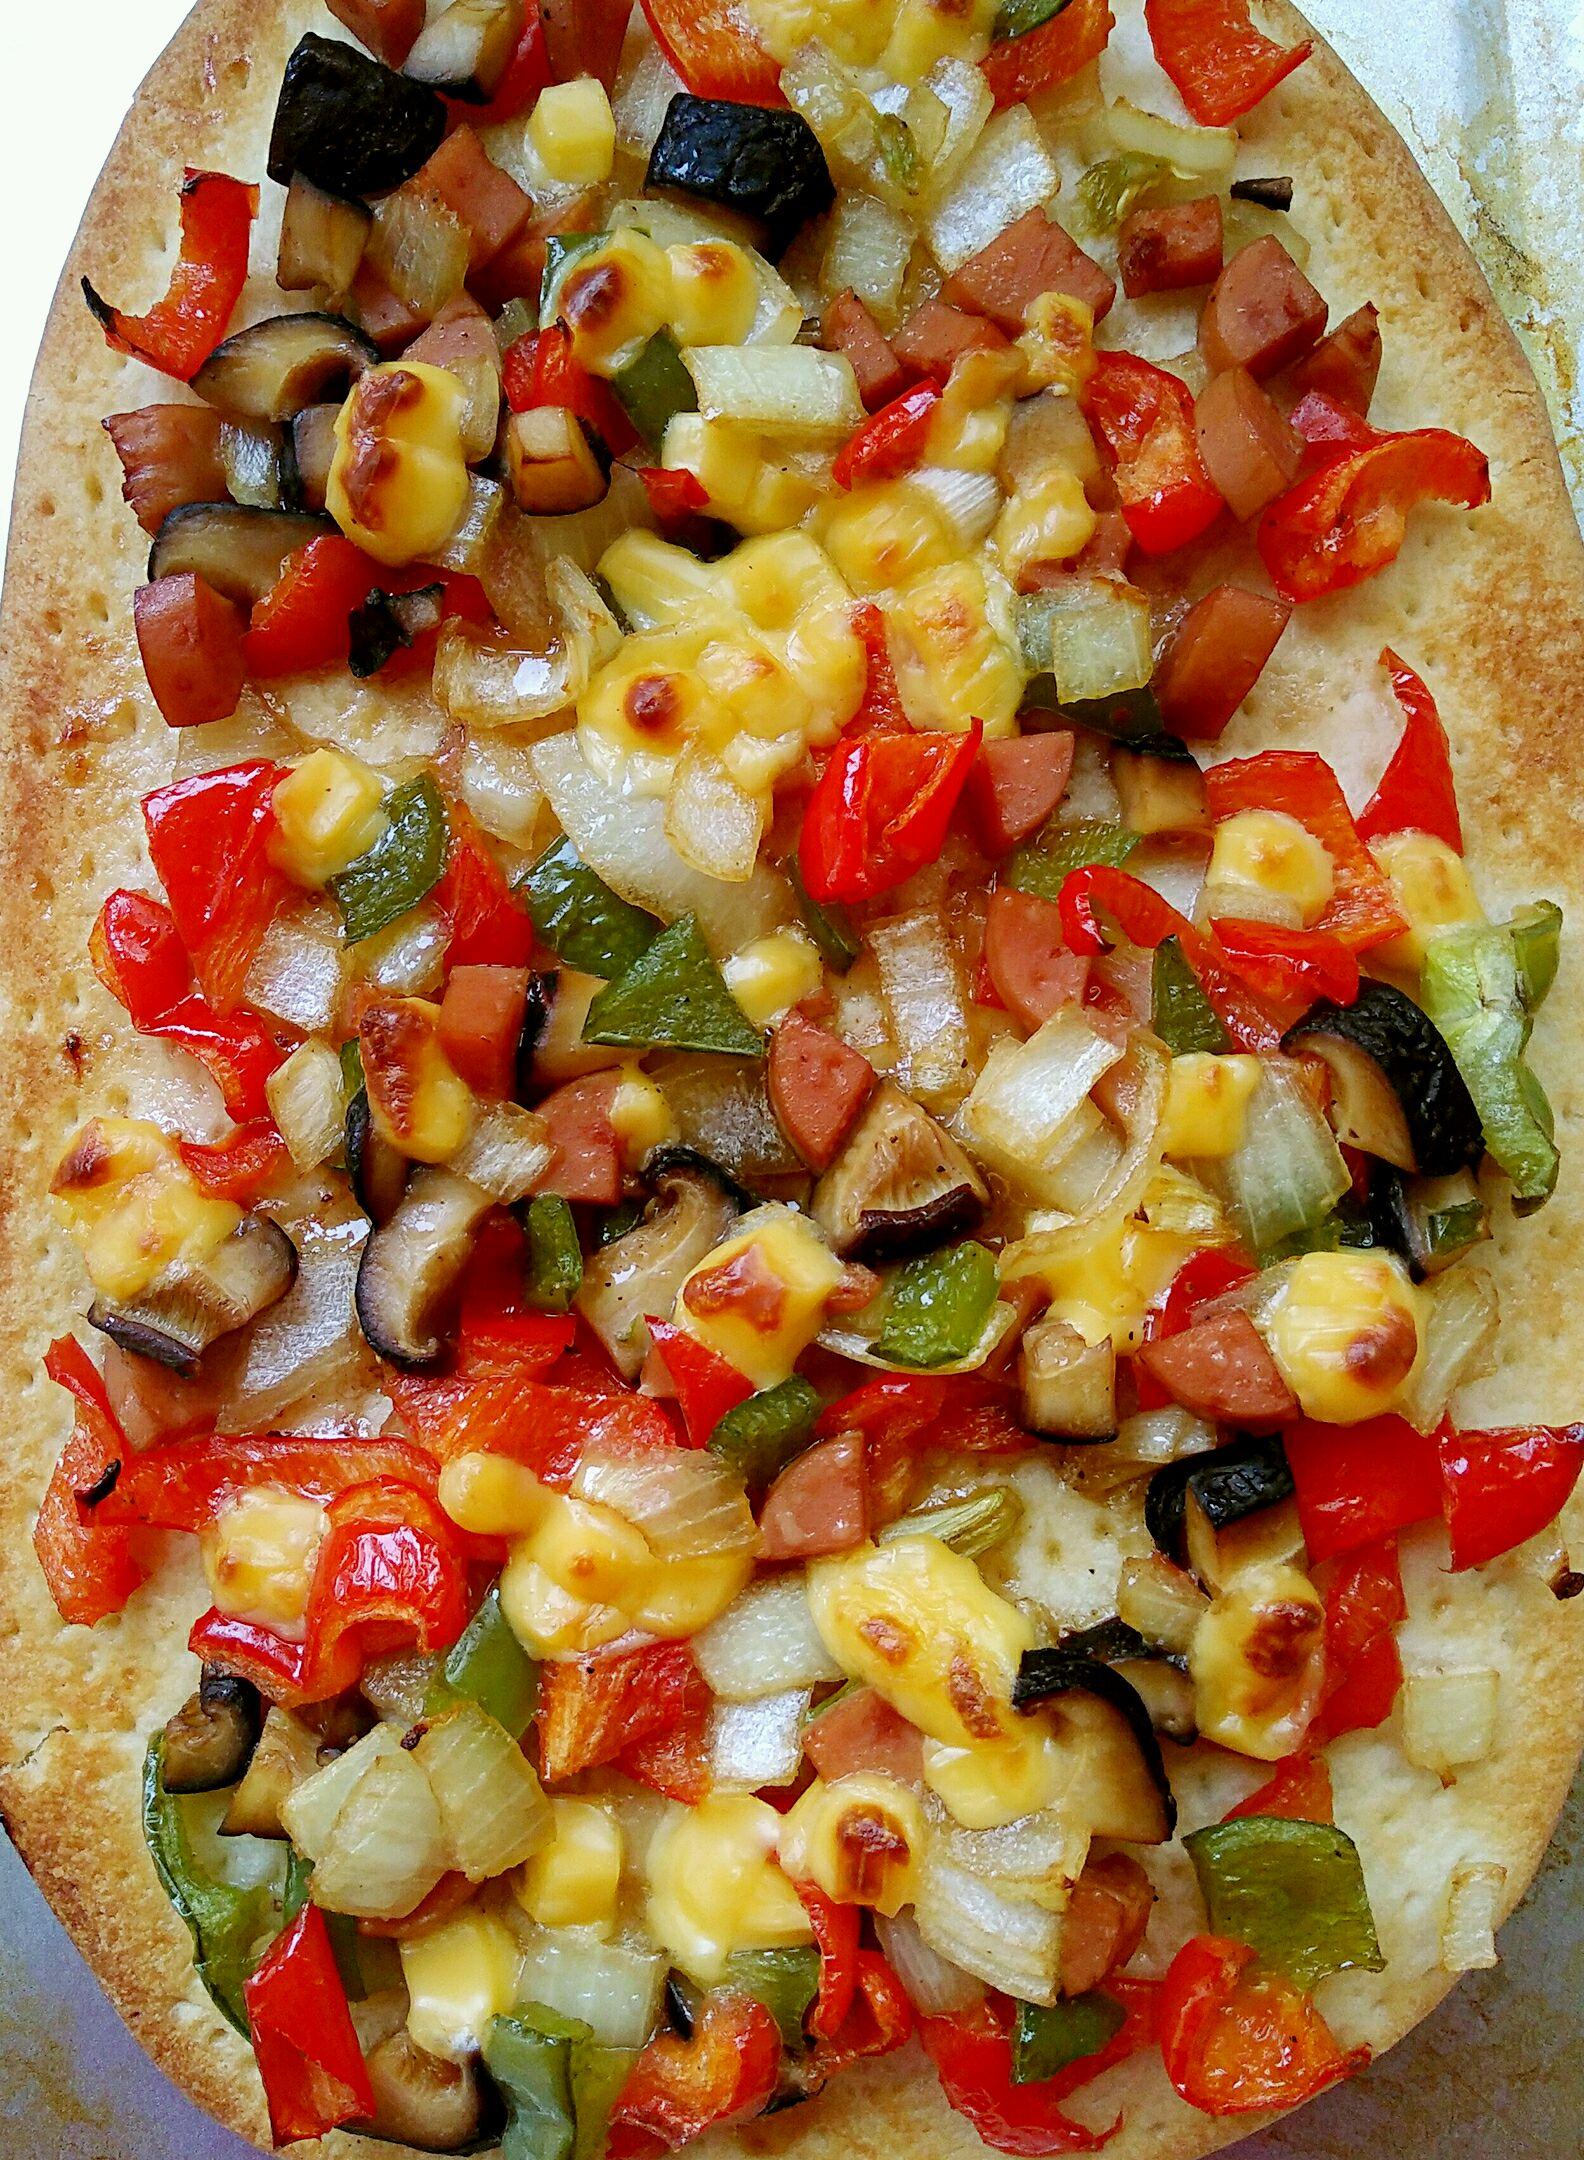 简易家庭披萨的做法_【图解】简易家庭披萨怎么做如何